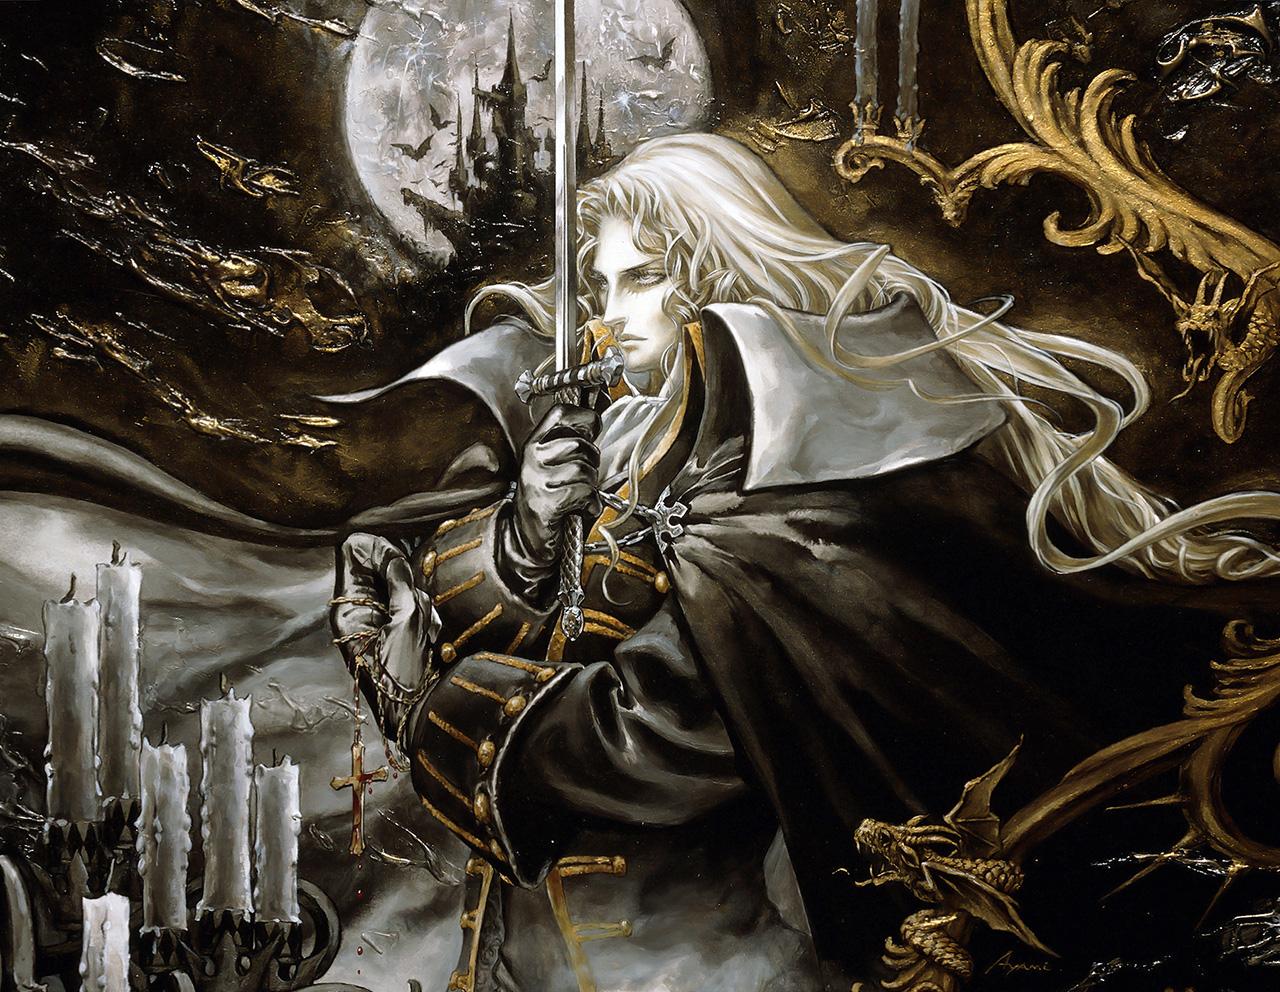 Una splendida rappresentazione di Alucard, il protagonista del gioco...